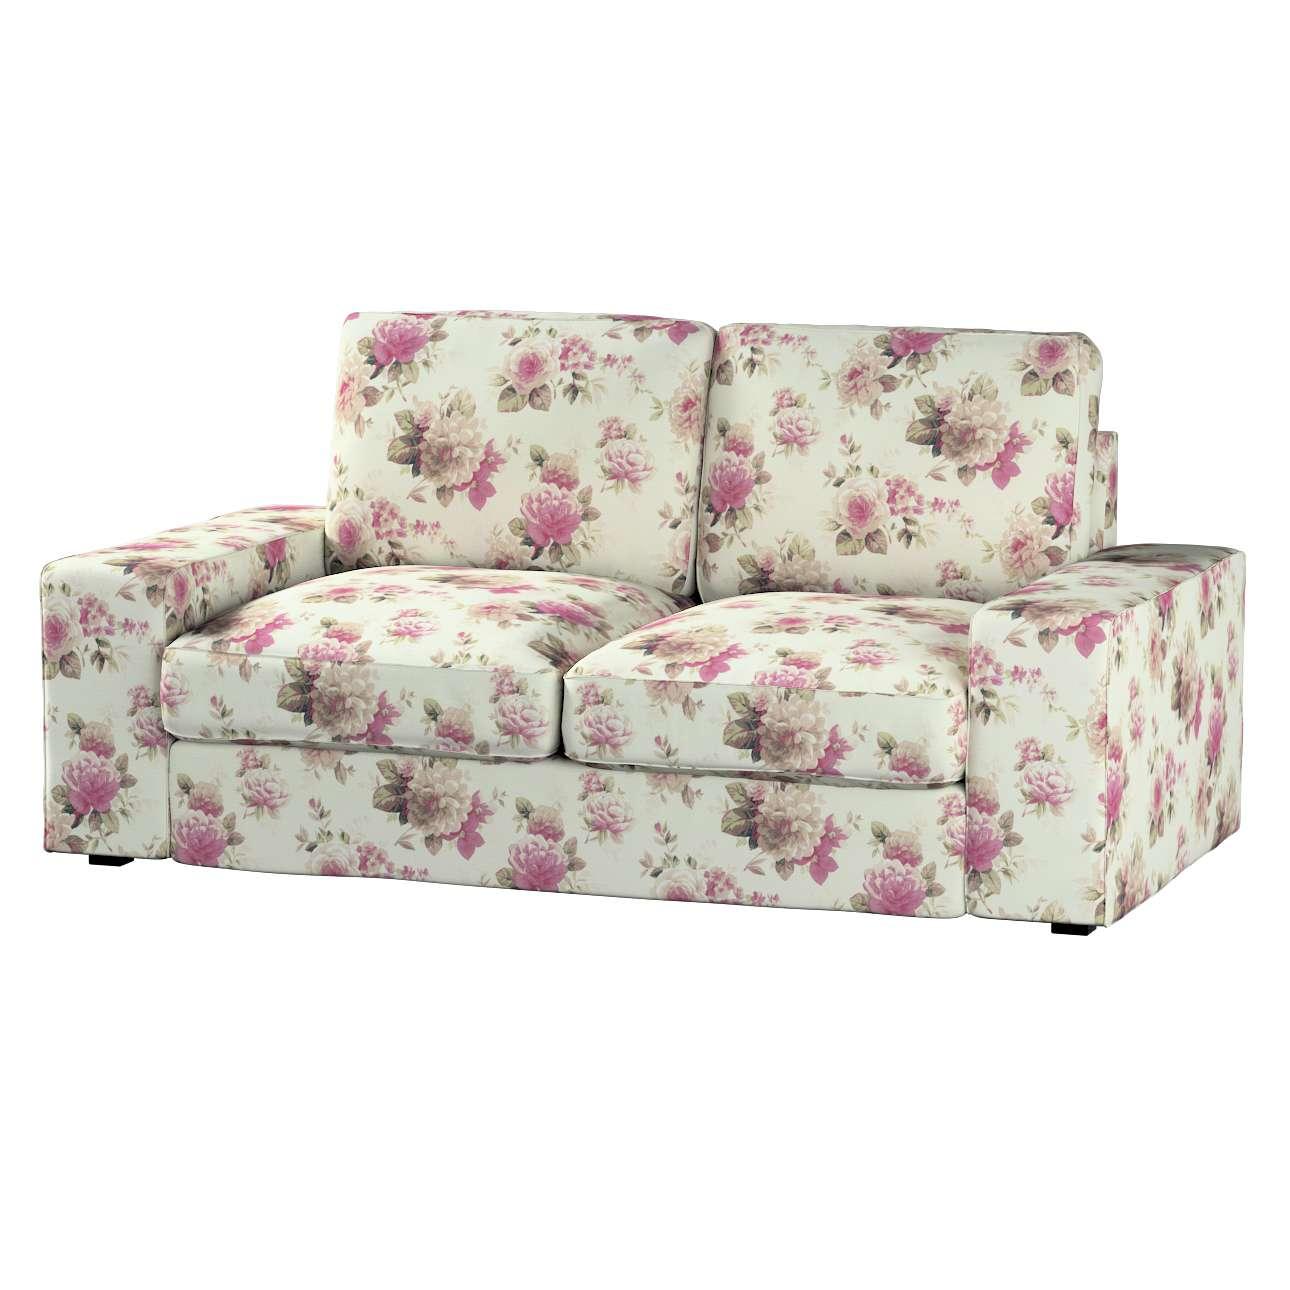 Pokrowiec na sofę Kivik 2-osobową, nierozkładaną w kolekcji Mirella, tkanina: 141-07